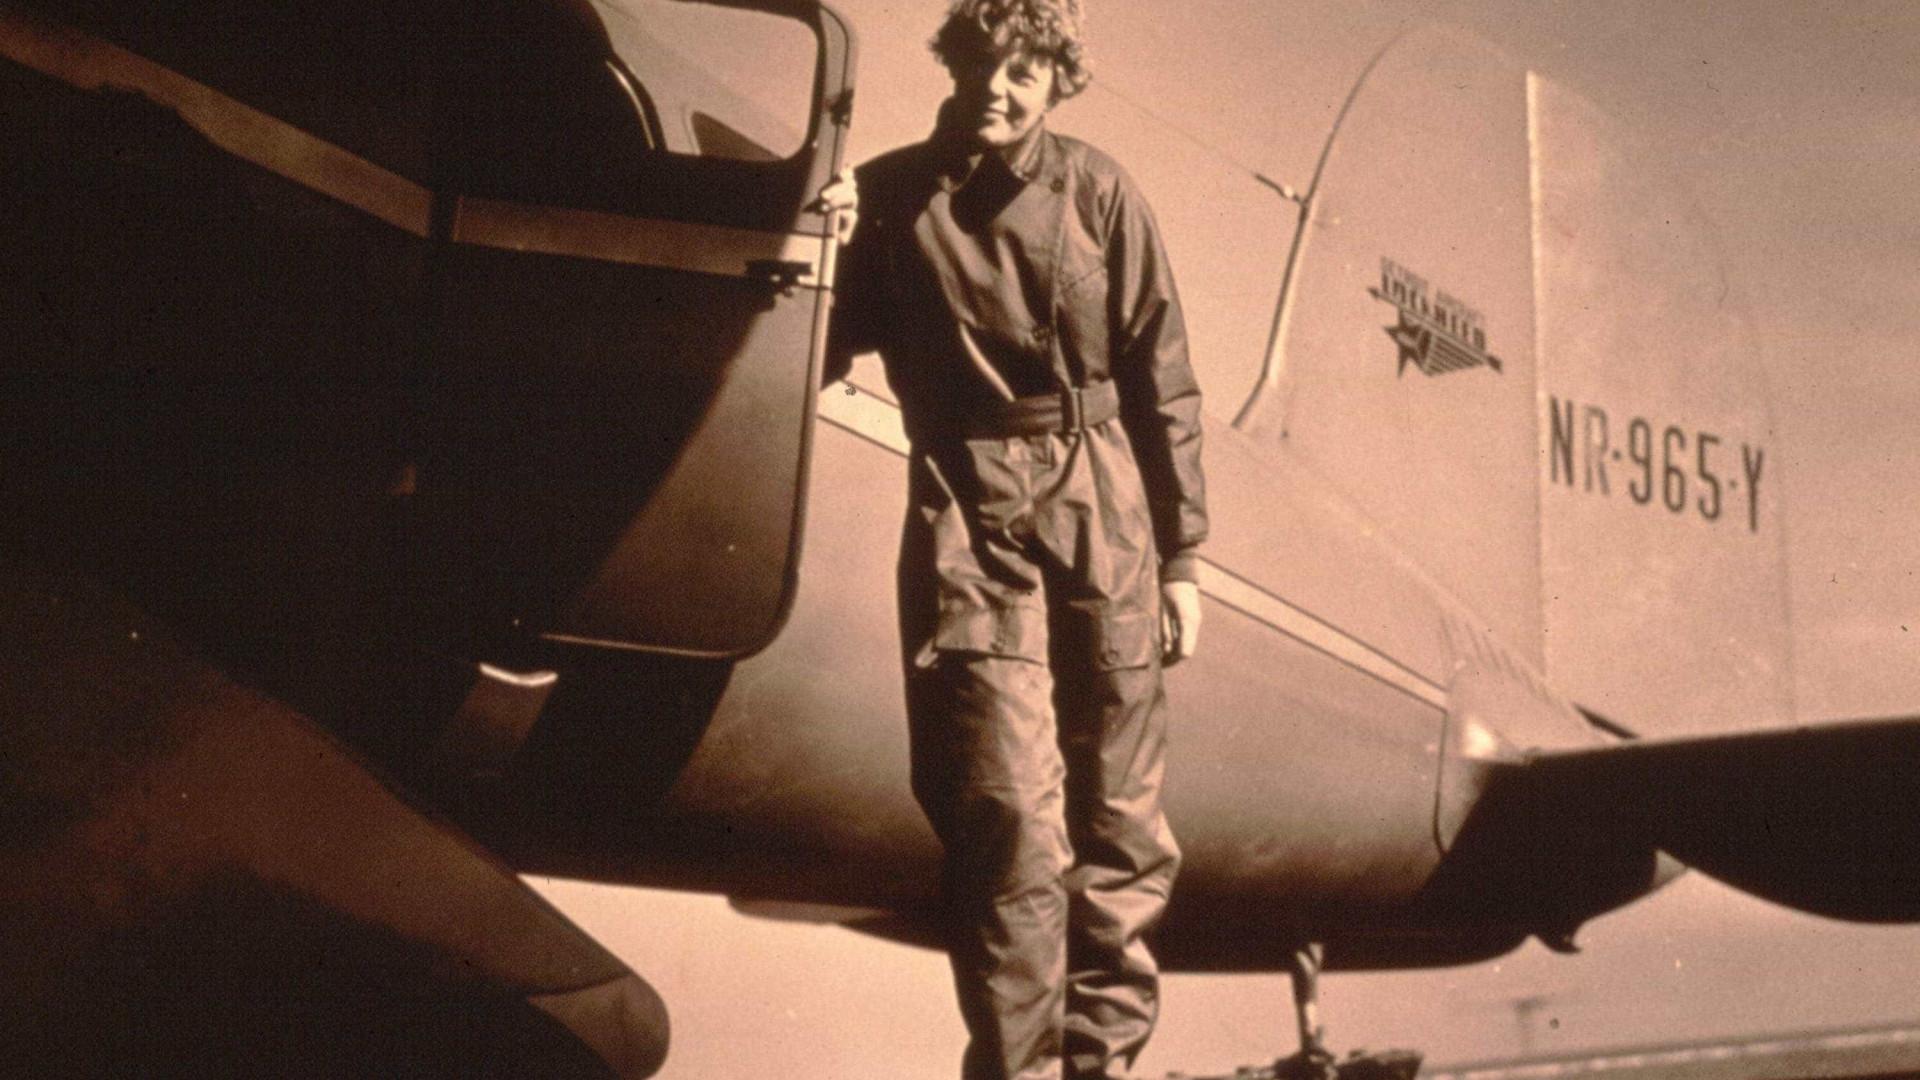 Afinal, terão sido encontrados os ossos de Amelia Earhart?